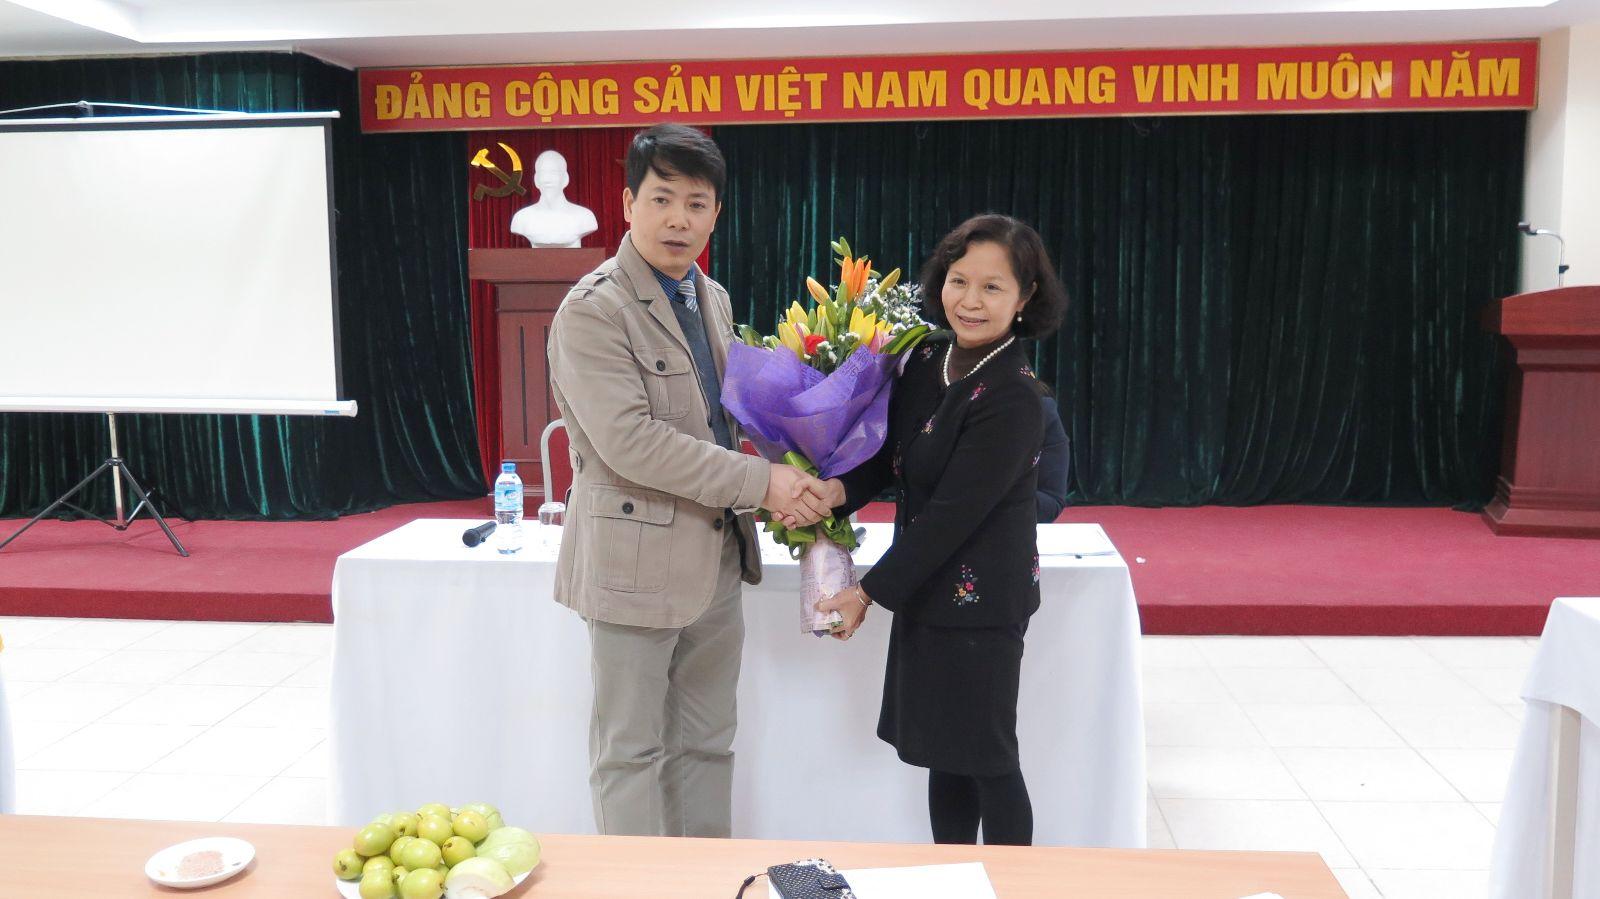 Học viện Phụ nữ Việt Nam tổ chức chia tay đồng chí Nguyễn Thị Kim Khánh